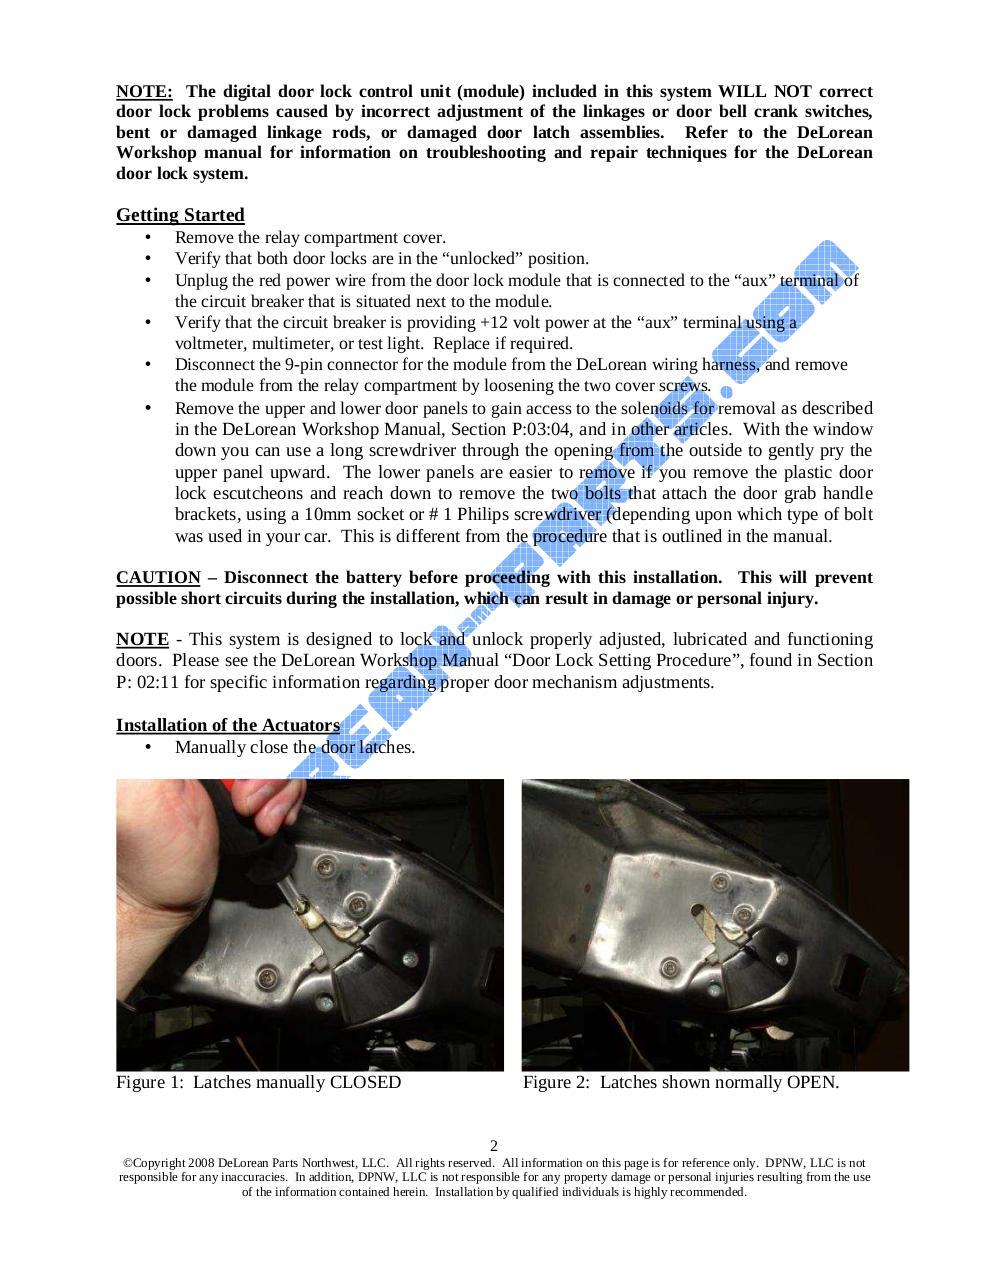 Door Lock Upgrade System Instructions Combo - Digital Door Lock ...